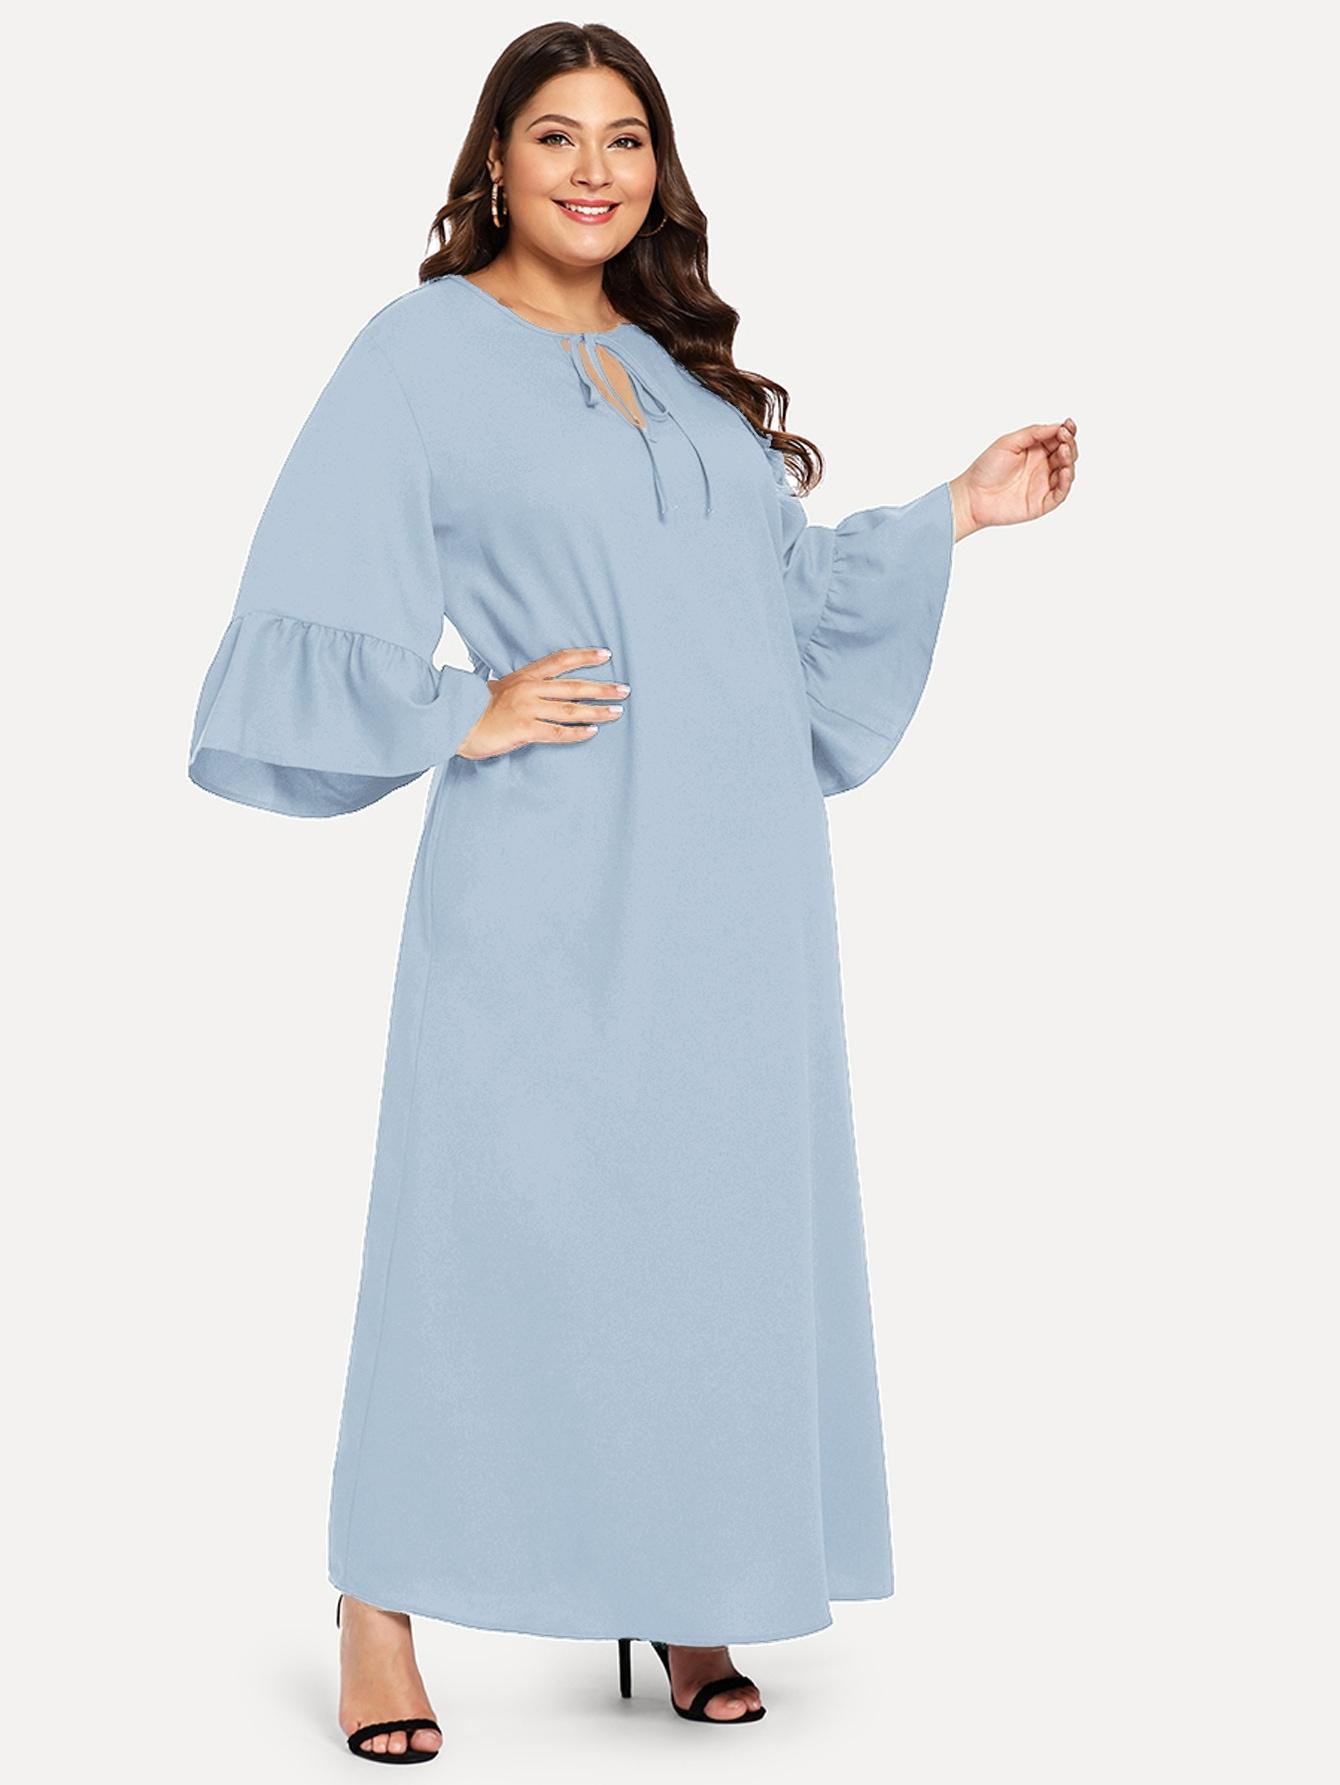 Платье с оригинальным рукавом и завязкой на шее размера плюс